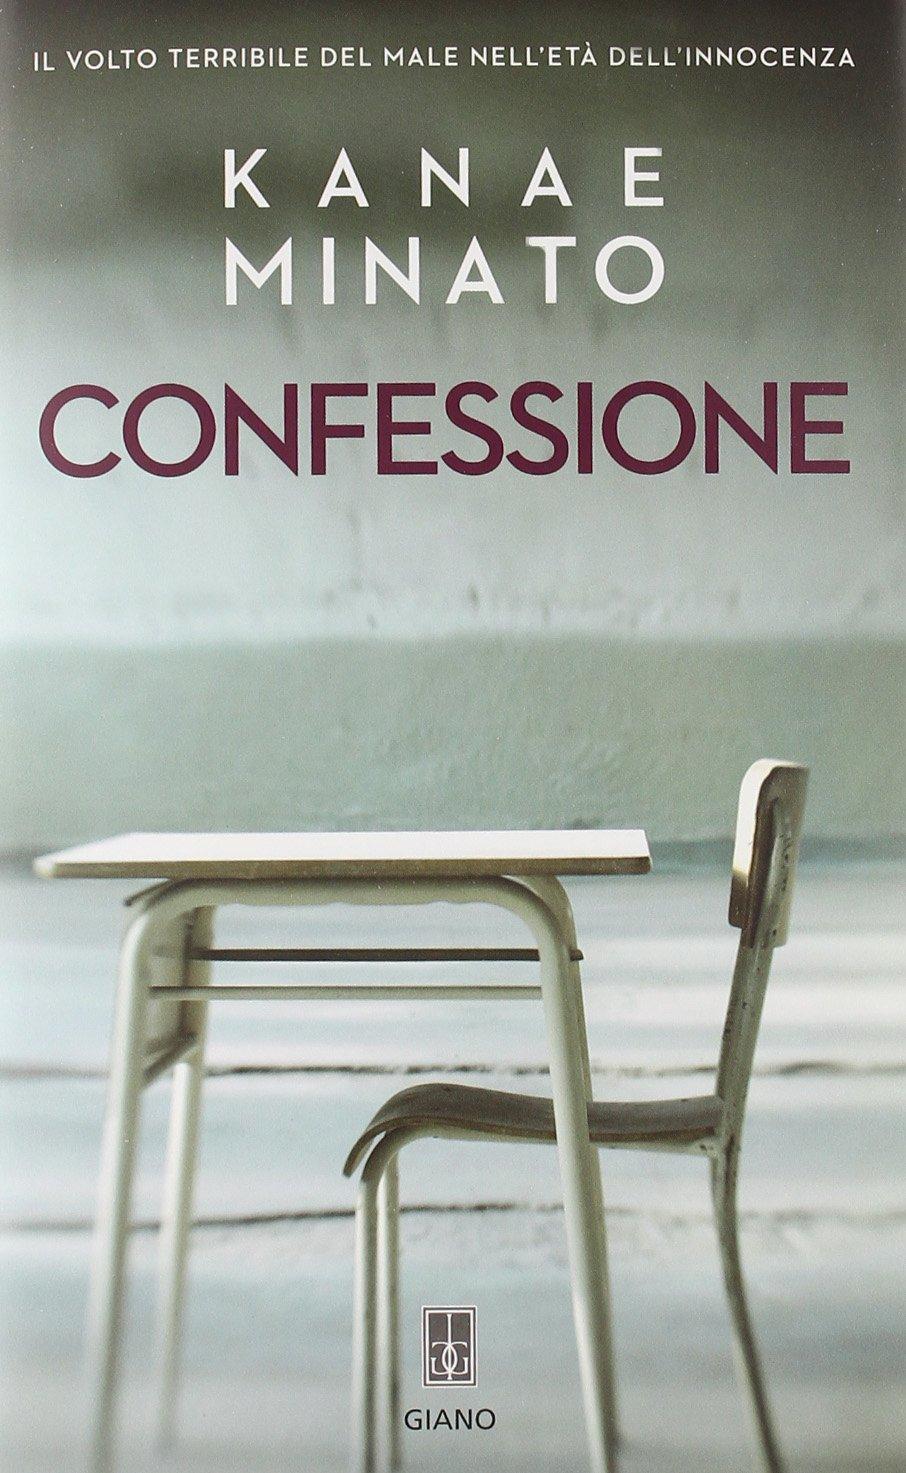 kanato minae confessione